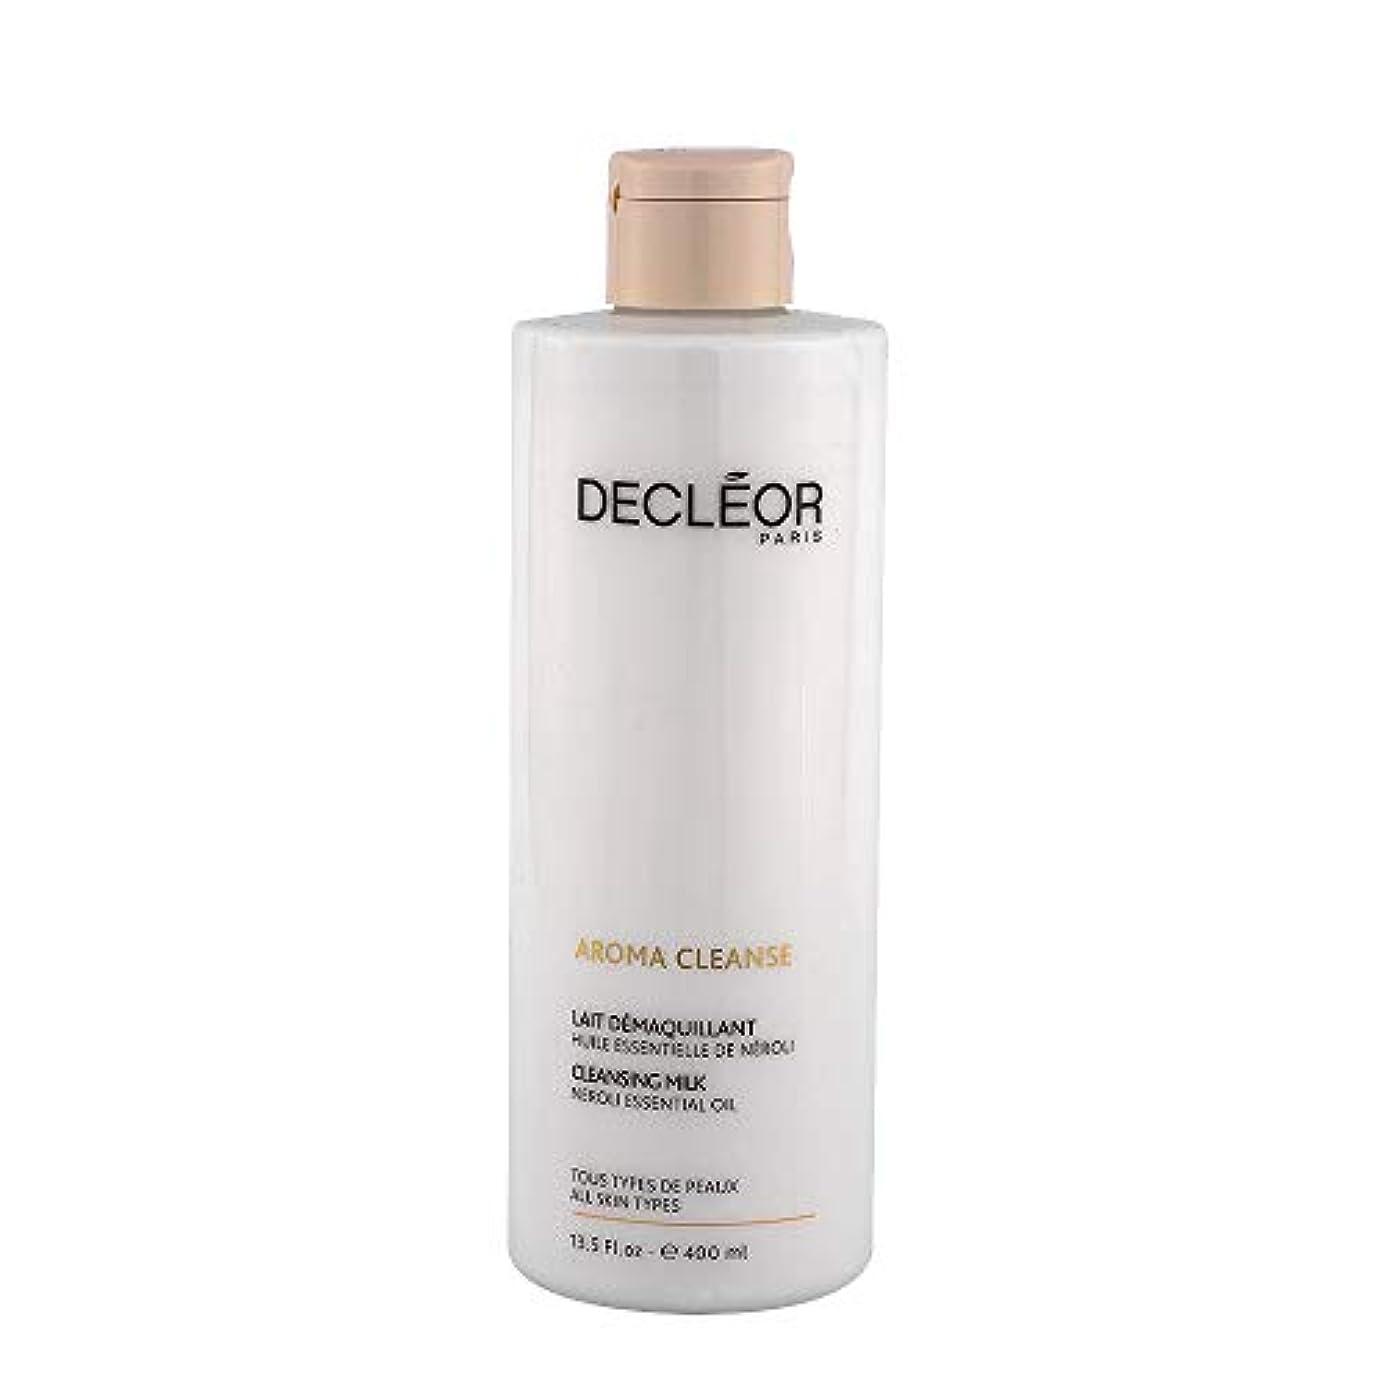 知る戸惑う貪欲デクレオール Aroma Cleanse Cleansing Milk (Limited Edition) 400ml/13.5oz並行輸入品